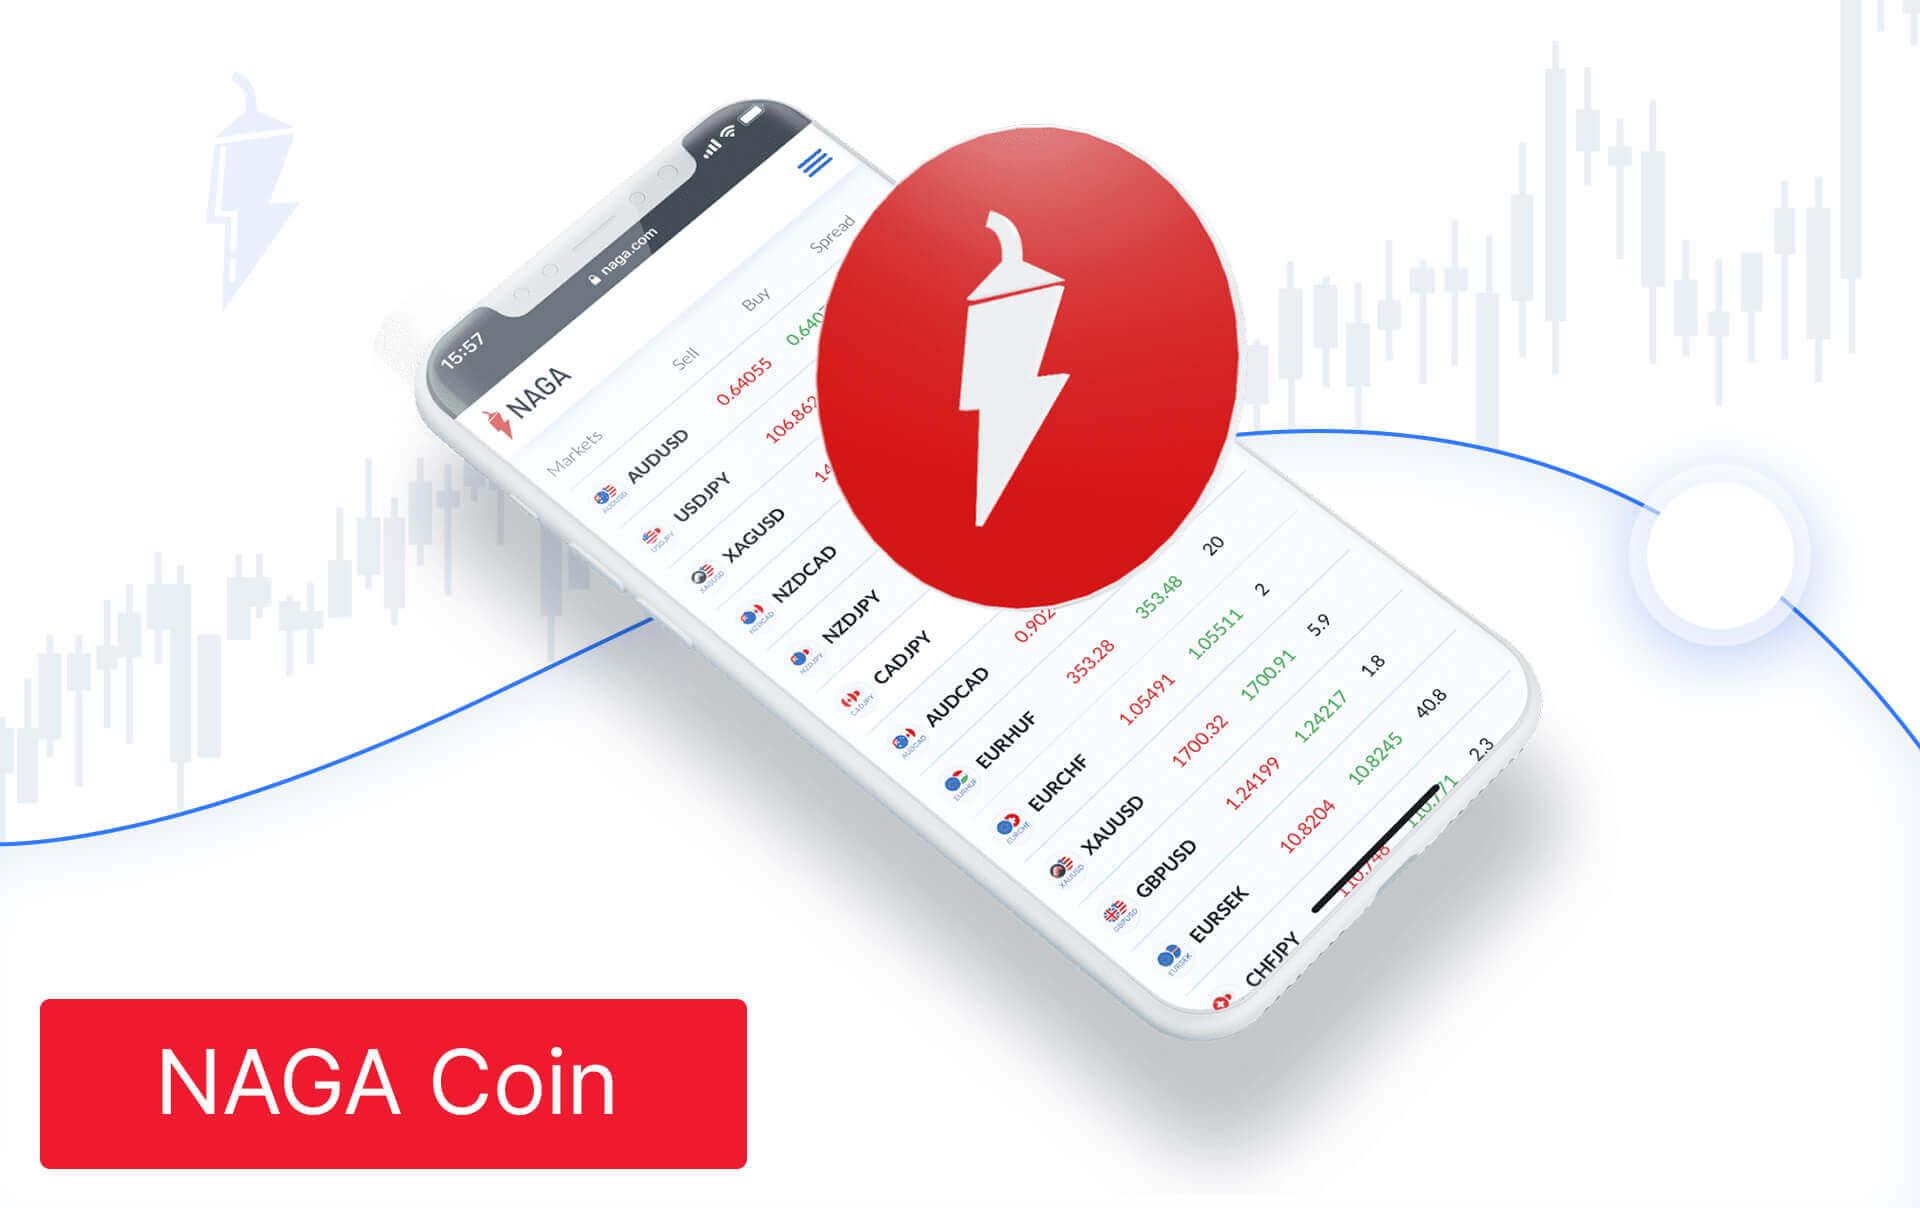 NAGA Coin